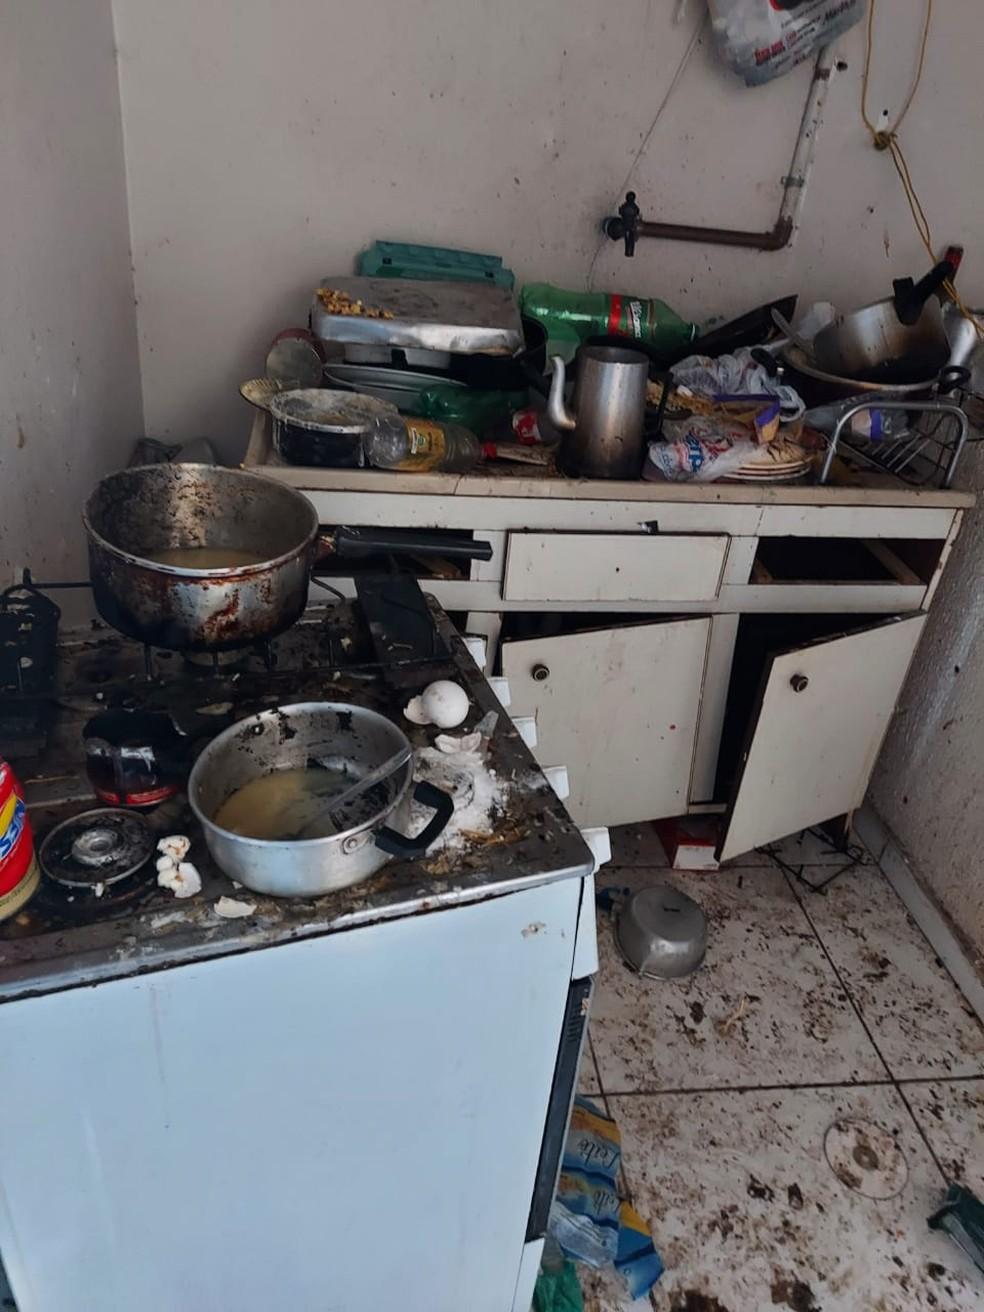 Haviam três crianças de nove, seis e quatros anos, além de um bebê, vivendo em meio à sujeira e ao lixo — Foto: Guarda Municipal